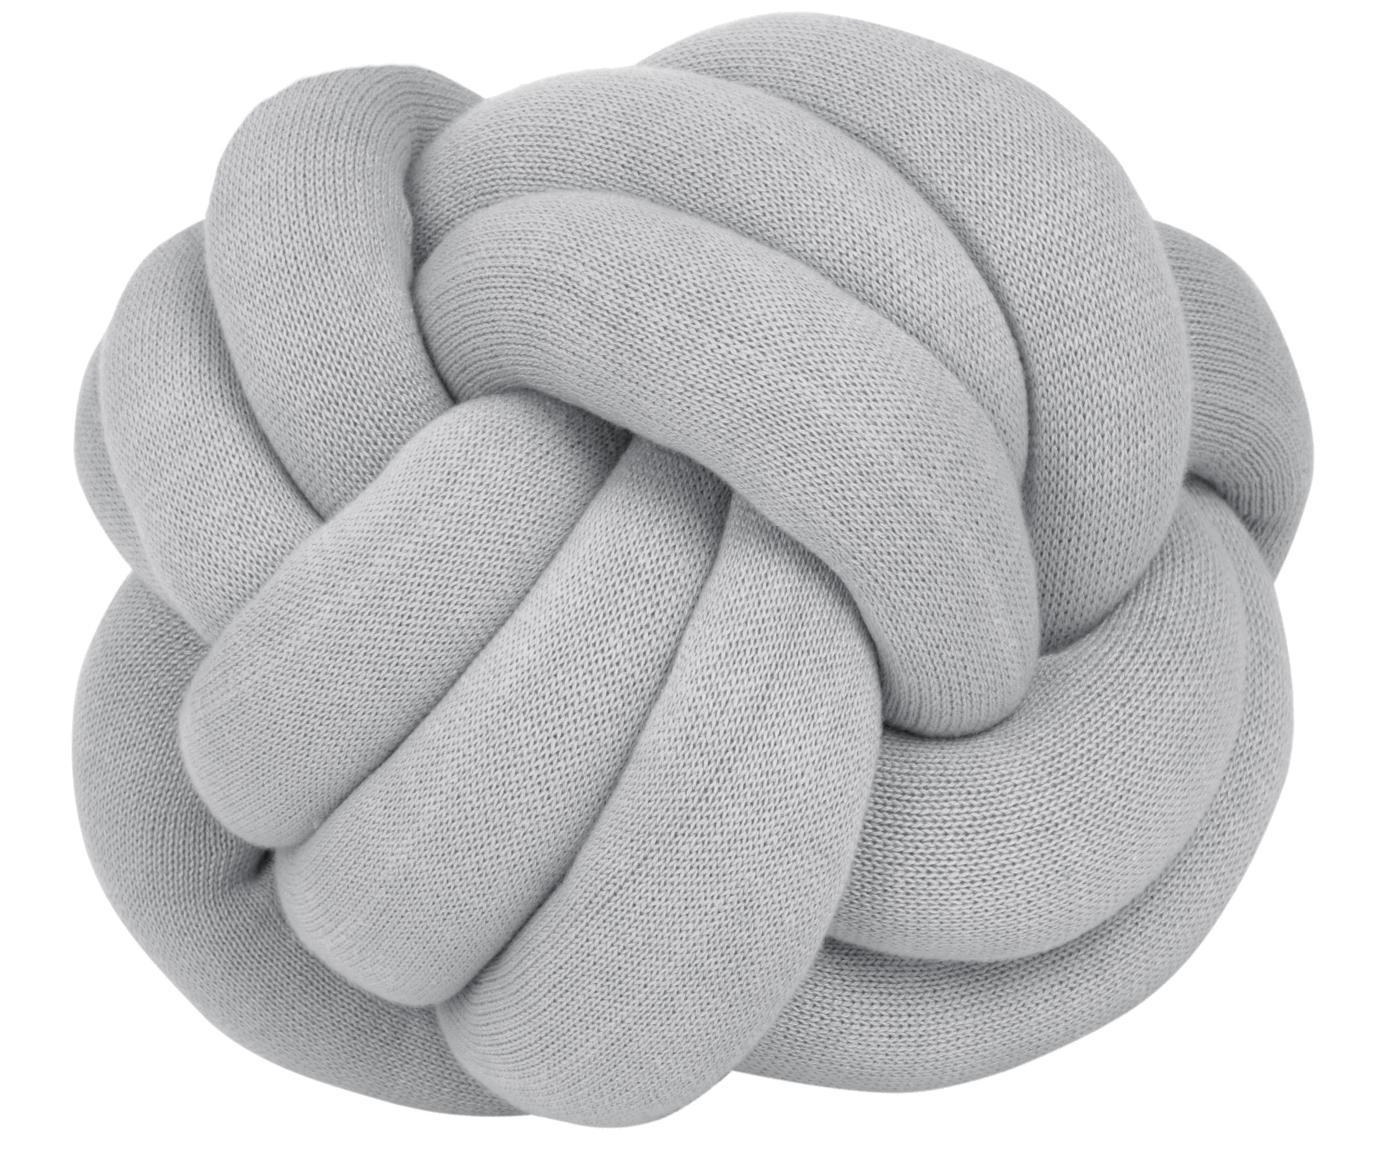 Cuscino grigio chiaro Twist, Grigio chiaro, Ø 30 cm